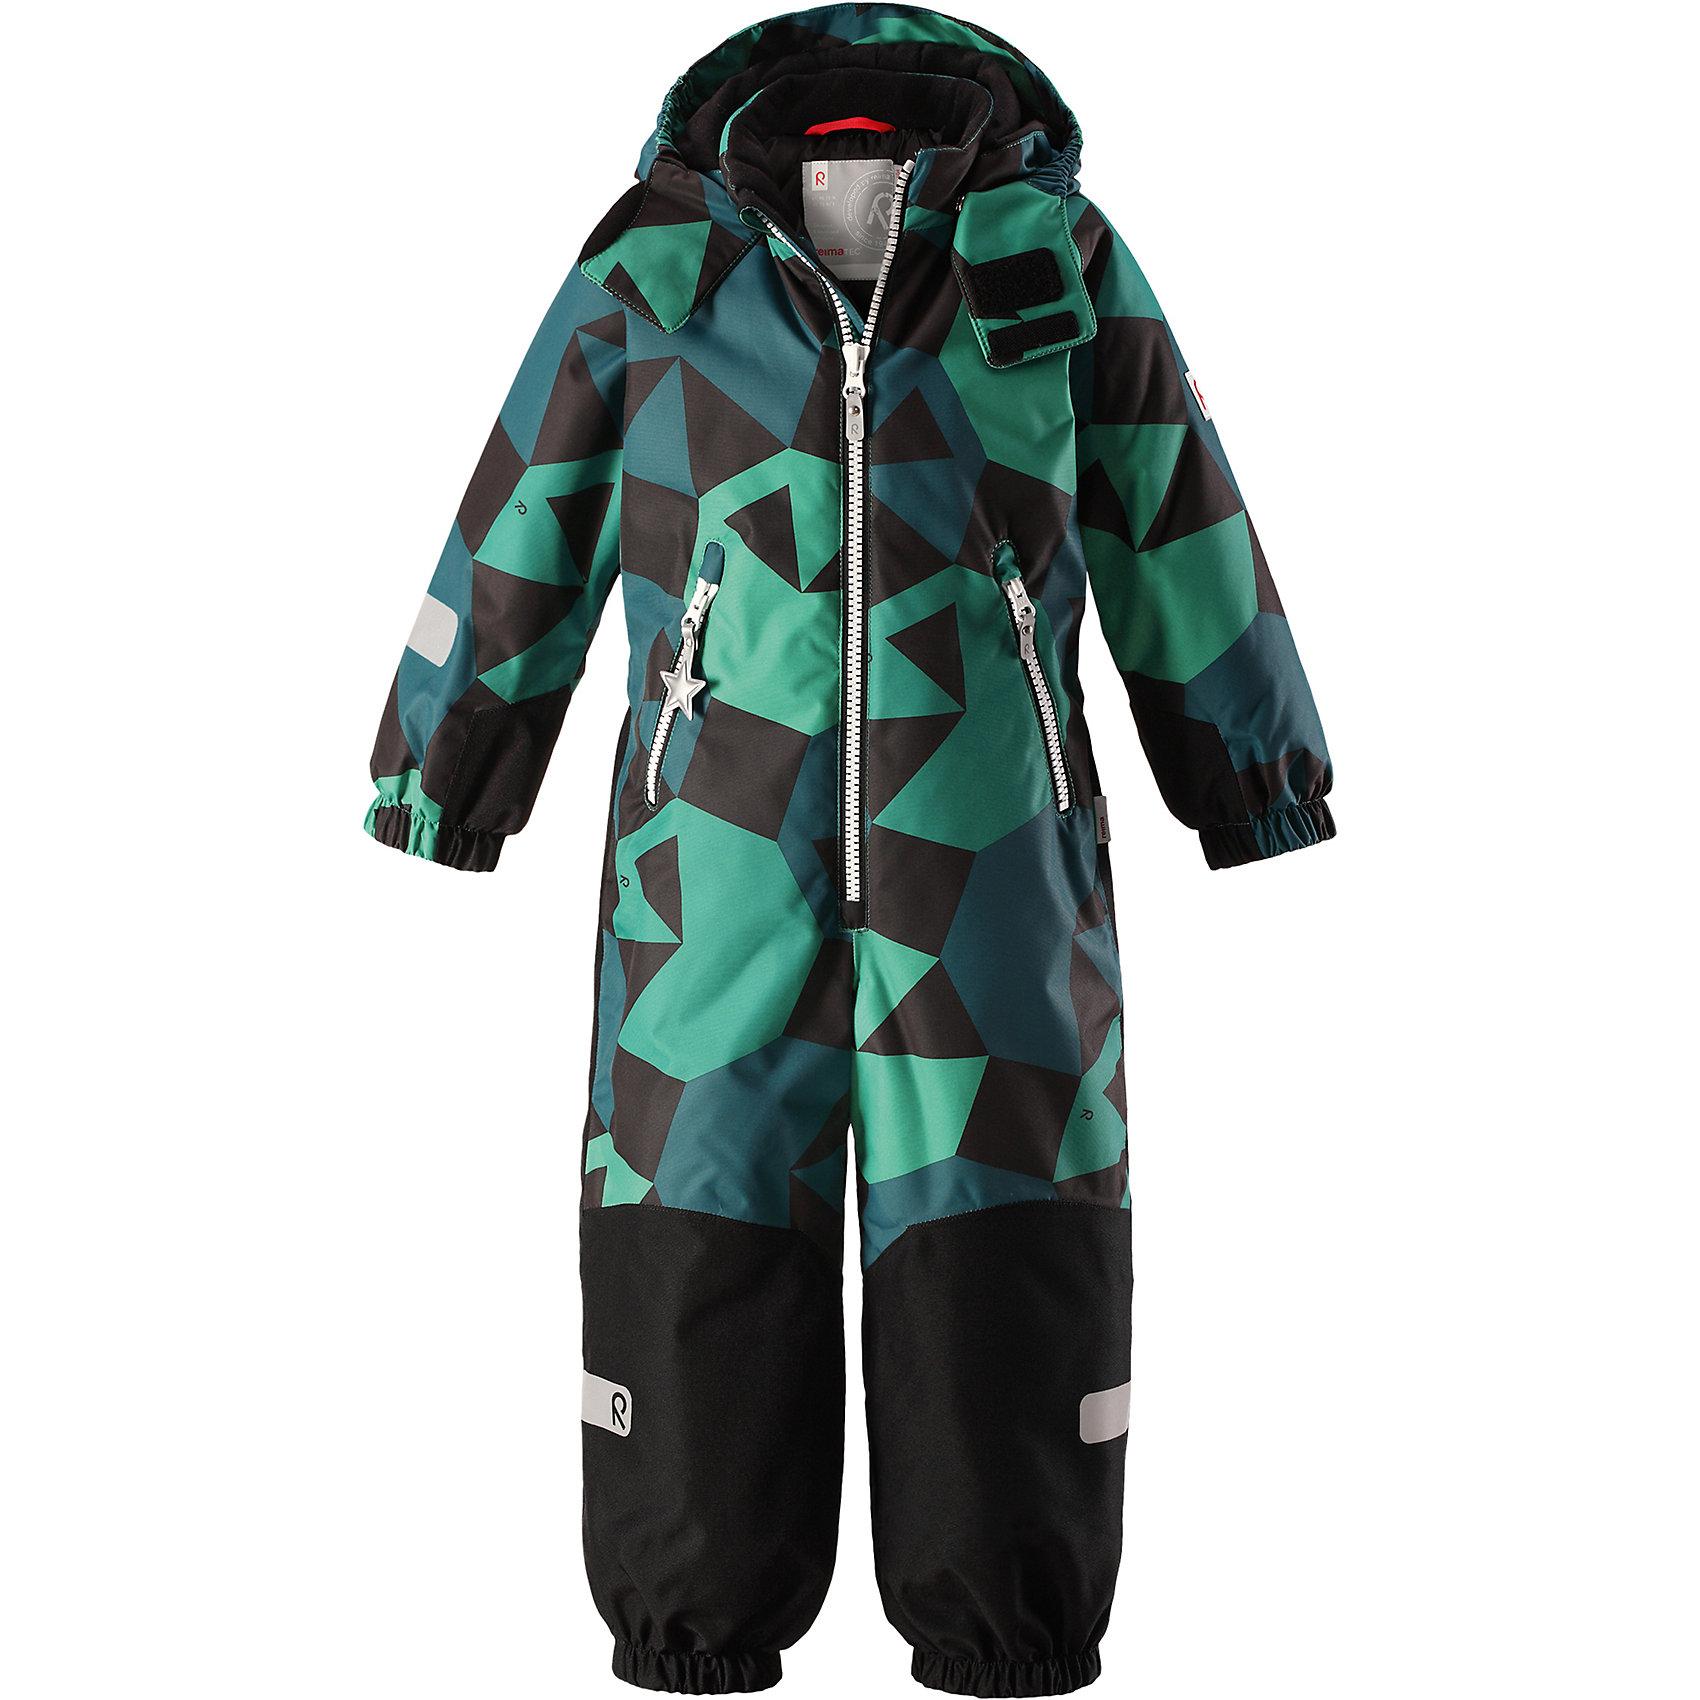 Комбинезон Reimatec® Reima SnowyВерхняя одежда<br>Характеристики товара:<br><br>• цвет: зеленый;<br>• состав: 100% полиэстер;<br>• подкладка: 100% полиэстер;<br>• утеплитель: 160 г/м2<br>• температурный режим: от 0 до -20С;<br>• сезон: зима; <br>• водонепроницаемость: 8000/10000 мм;<br>• воздухопроницаемость: 7000/5000 мм;<br>• износостойкость: 30000/50000 циклов (тест Мартиндейла);<br>• водо- и ветронепроницаемый, дышащий и грязеотталкивающий материал;<br>• все швы проклеены и водонепроницаемы;<br>• прочные усиленные вставки внизу, на коленях и снизу на ногах;<br>• гладкая подкладка из полиэстера;<br>• мягкая резинка на кромке капюшона и манжетах;<br>• застежка: молния с защитой подбородка;<br>• безопасный съемный капюшон на кнопках;<br>• внутренняя регулировка обхвата талии;<br>• прочные съемные силиконовые штрипки;<br>• два кармана на молнии;<br>• светоотражающие детали;<br>• страна бренда: Финляндия;<br>• страна изготовитель: Китай.<br><br>Зимний комбинезон на молнии изготовлен из водо и ветронепроницаемого материала с водо и грязеотталкивающей поверхностью. Все швы проклеены, водонепроницаемы. Комбинезон снабжен прочными усилениями на задней части, коленях и концах брючин. В этом комбинезоне прямого кроя талия при необходимости легко регулируется, что позволяет подогнать комбинезон точно по фигуре. <br><br>Съемный капюшон защищает от пронизывающего ветра, а еще он безопасен во время игр на свежем воздухе. Кнопки легко отстегиваются, если капюшон случайно за что-нибудь зацепится. Силиконовые штрипки не дают концам брючин задираться, бегай сколько хочешь! Образ довершают мягкая резинка по краю капюшона и на манжетах, два кармана на молнии и светоотражающие детали. <br><br>Комбинезон Snowy Reimatec® Reima от финского бренда Reima (Рейма) можно купить в нашем интернет-магазине.<br><br>Ширина мм: 356<br>Глубина мм: 10<br>Высота мм: 245<br>Вес г: 519<br>Цвет: зеленый<br>Возраст от месяцев: 108<br>Возраст до месяцев: 120<br>Пол: Унисекс<br>Возраст: Детский<br>Размер: 